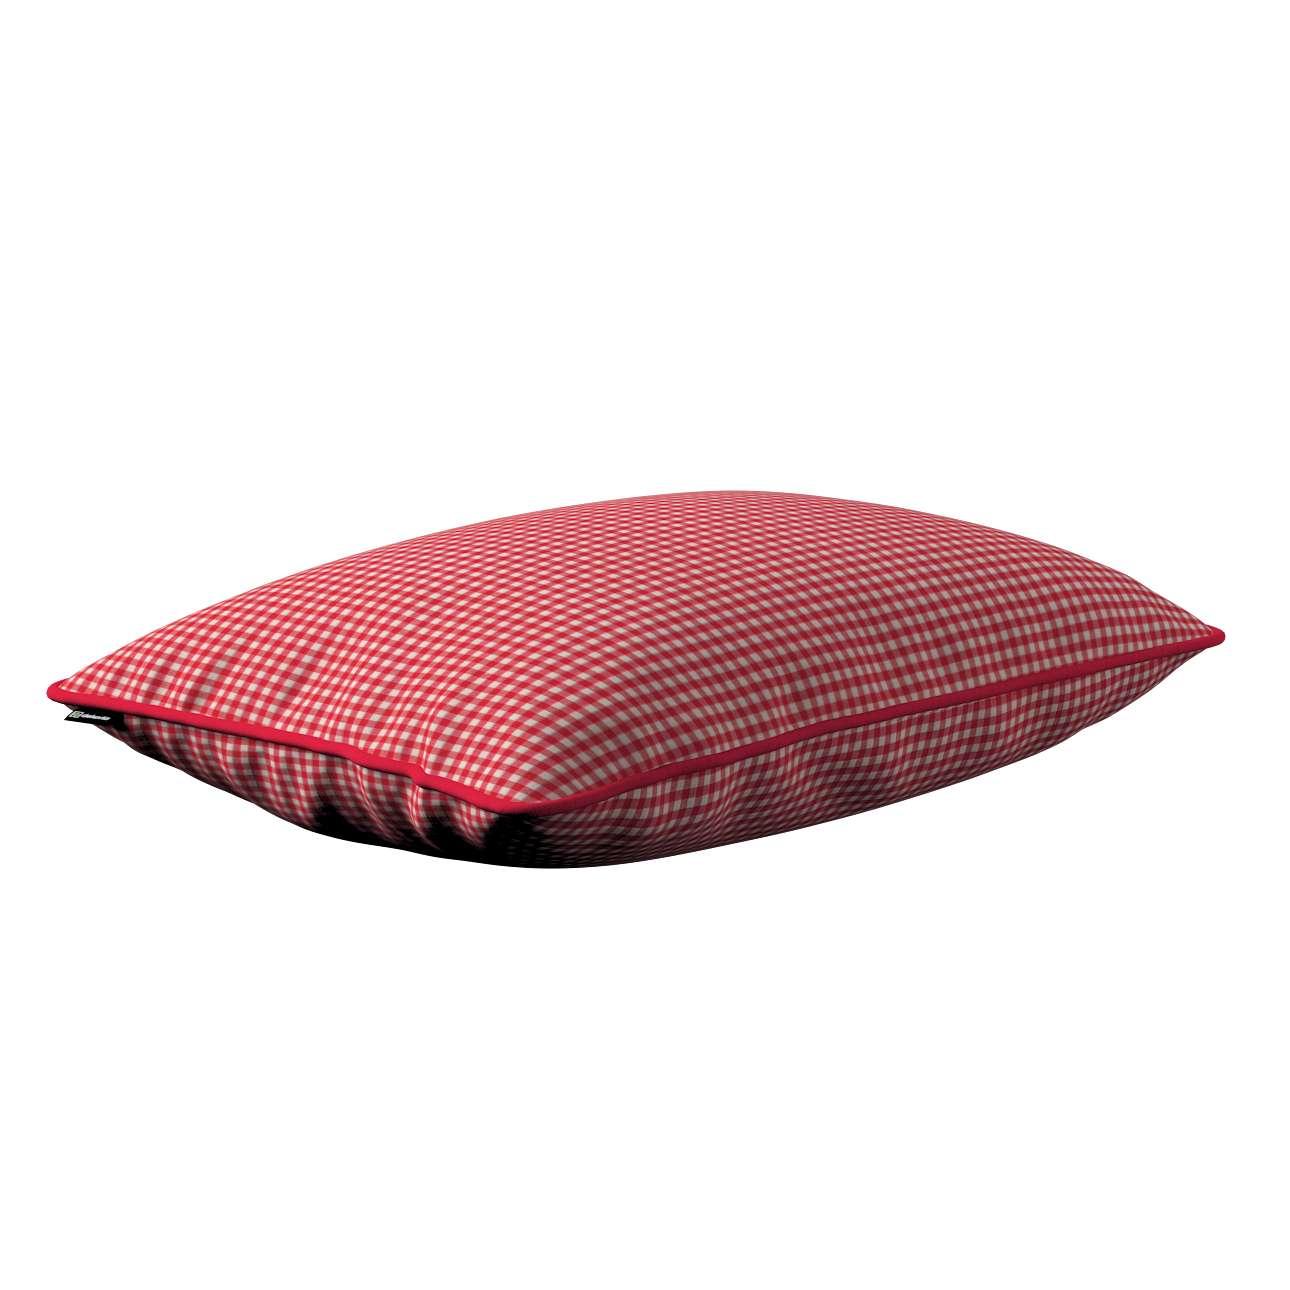 Poszewka Gabi na poduszkę prostokątna w kolekcji Quadro, tkanina: 136-15